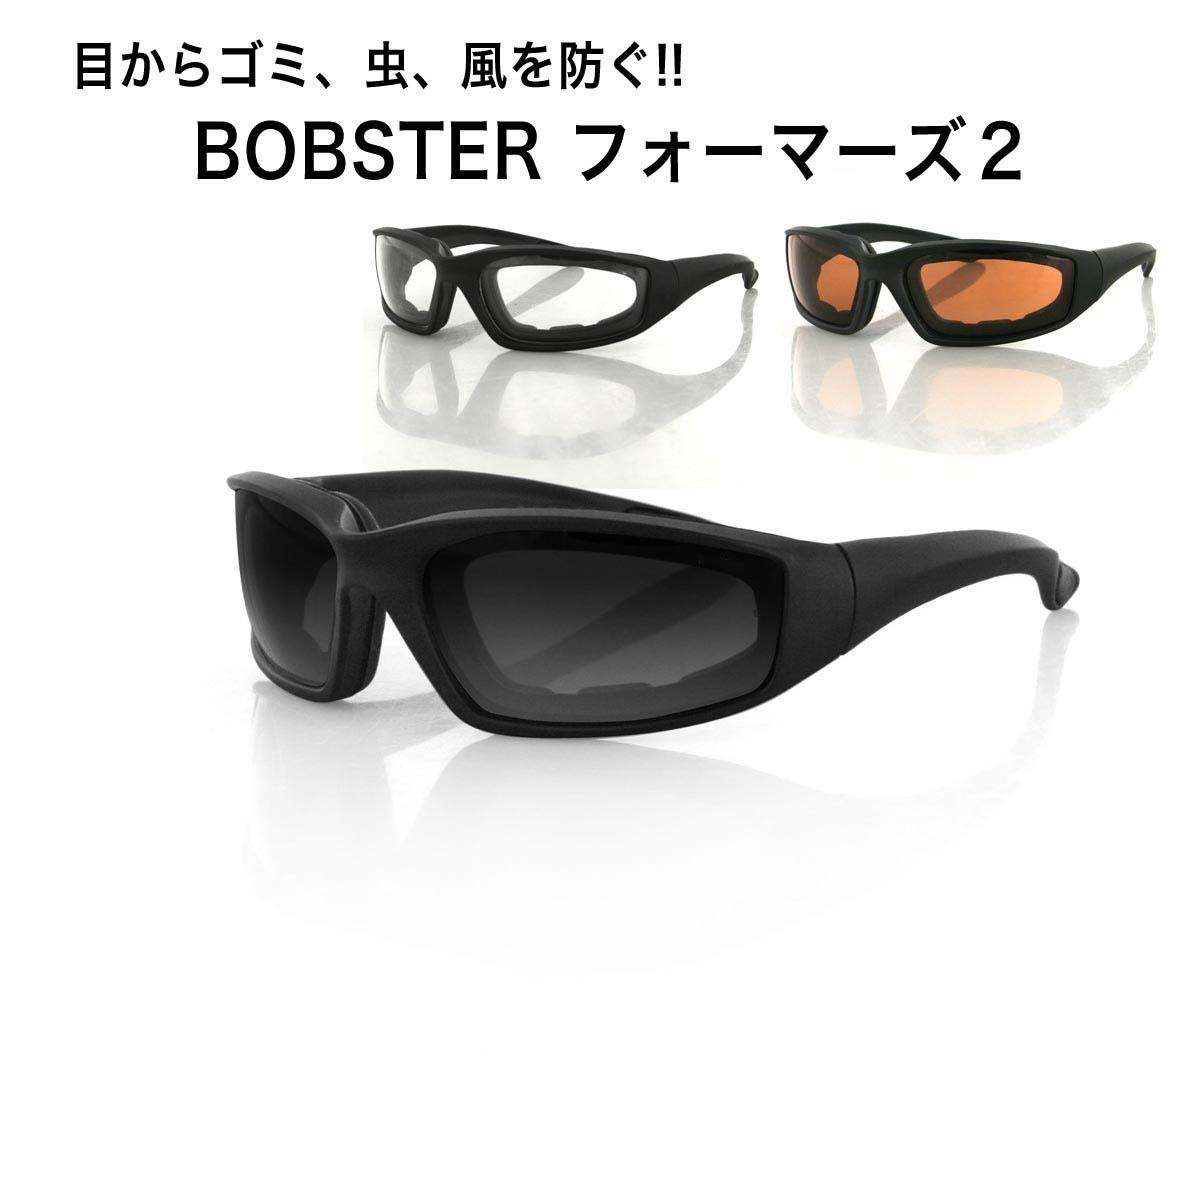 送料無料 バイク 自転車などで大活躍 クーポンあり サングラス UVカット ボブスター フォーマーズ 2 Bobster ES214 Foamerz sunglasses ツーリング 眼鏡 自転車 受賞店 スポーツ 野球 サバゲー めがね メンズ メガネ 防風 ランニング レディース